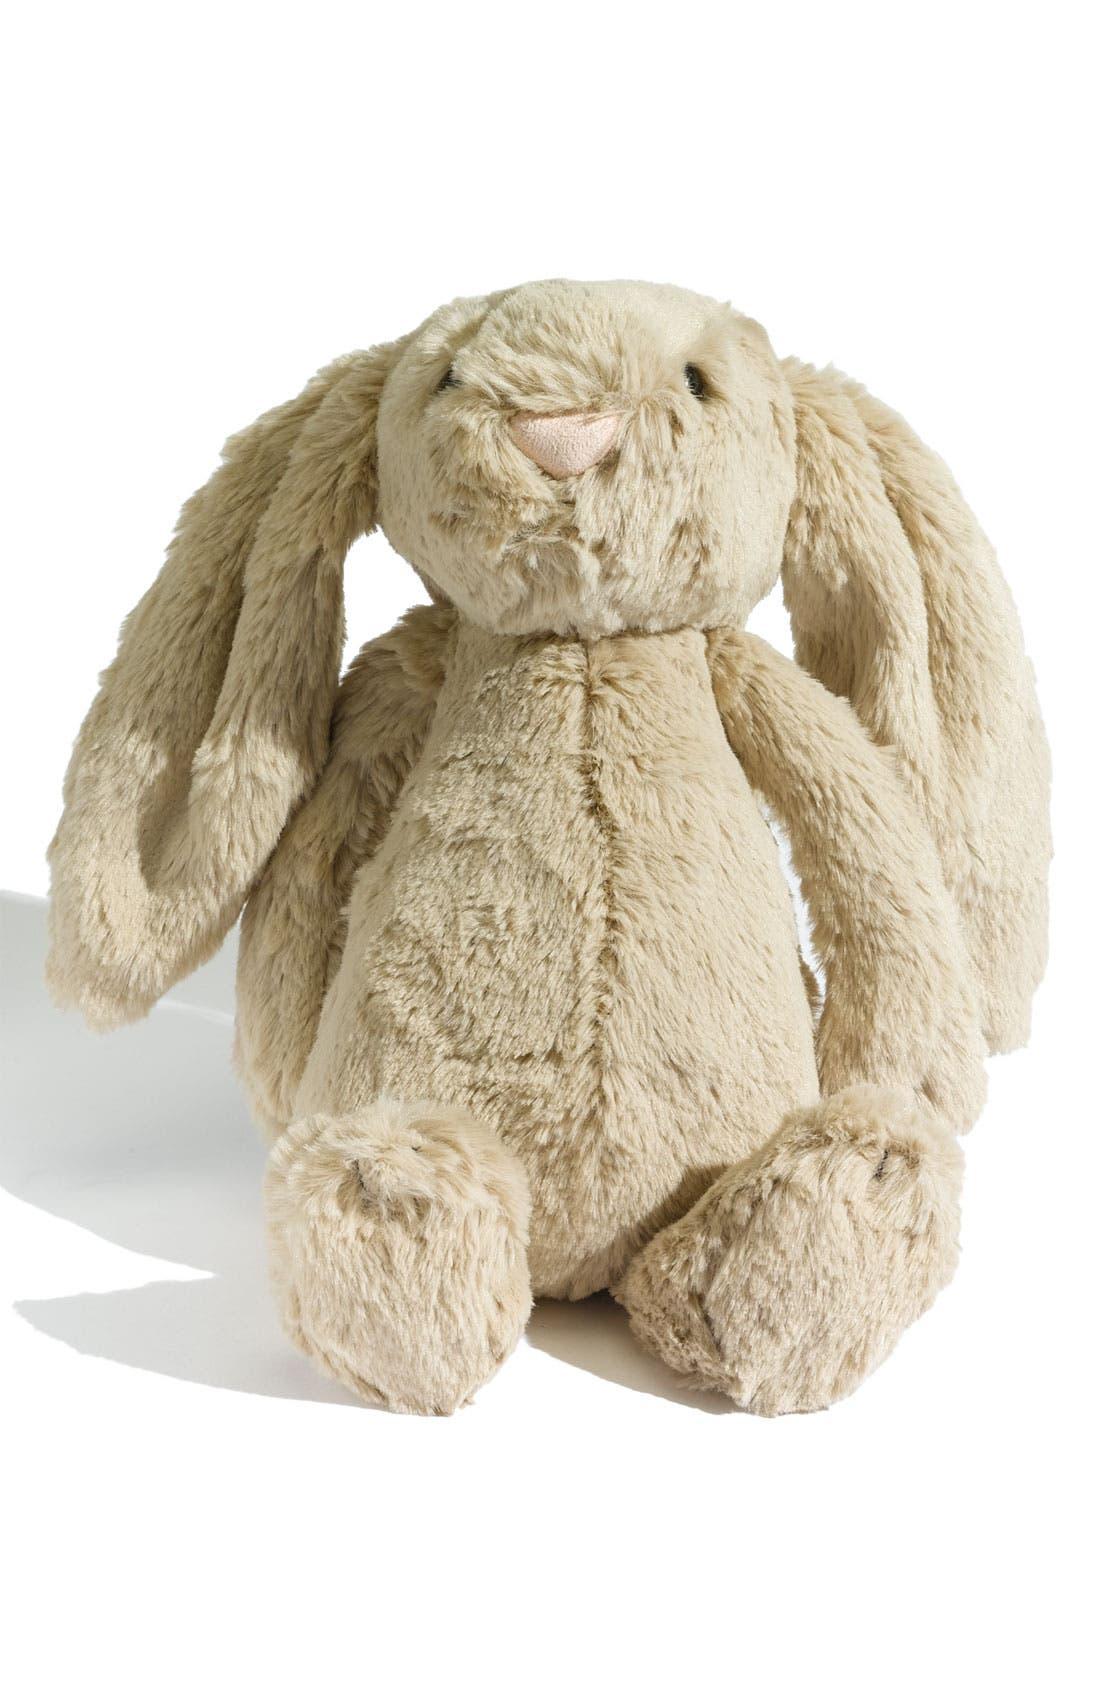 Alternate Image 1 Selected - Jellycat 'Bashful' Bunny